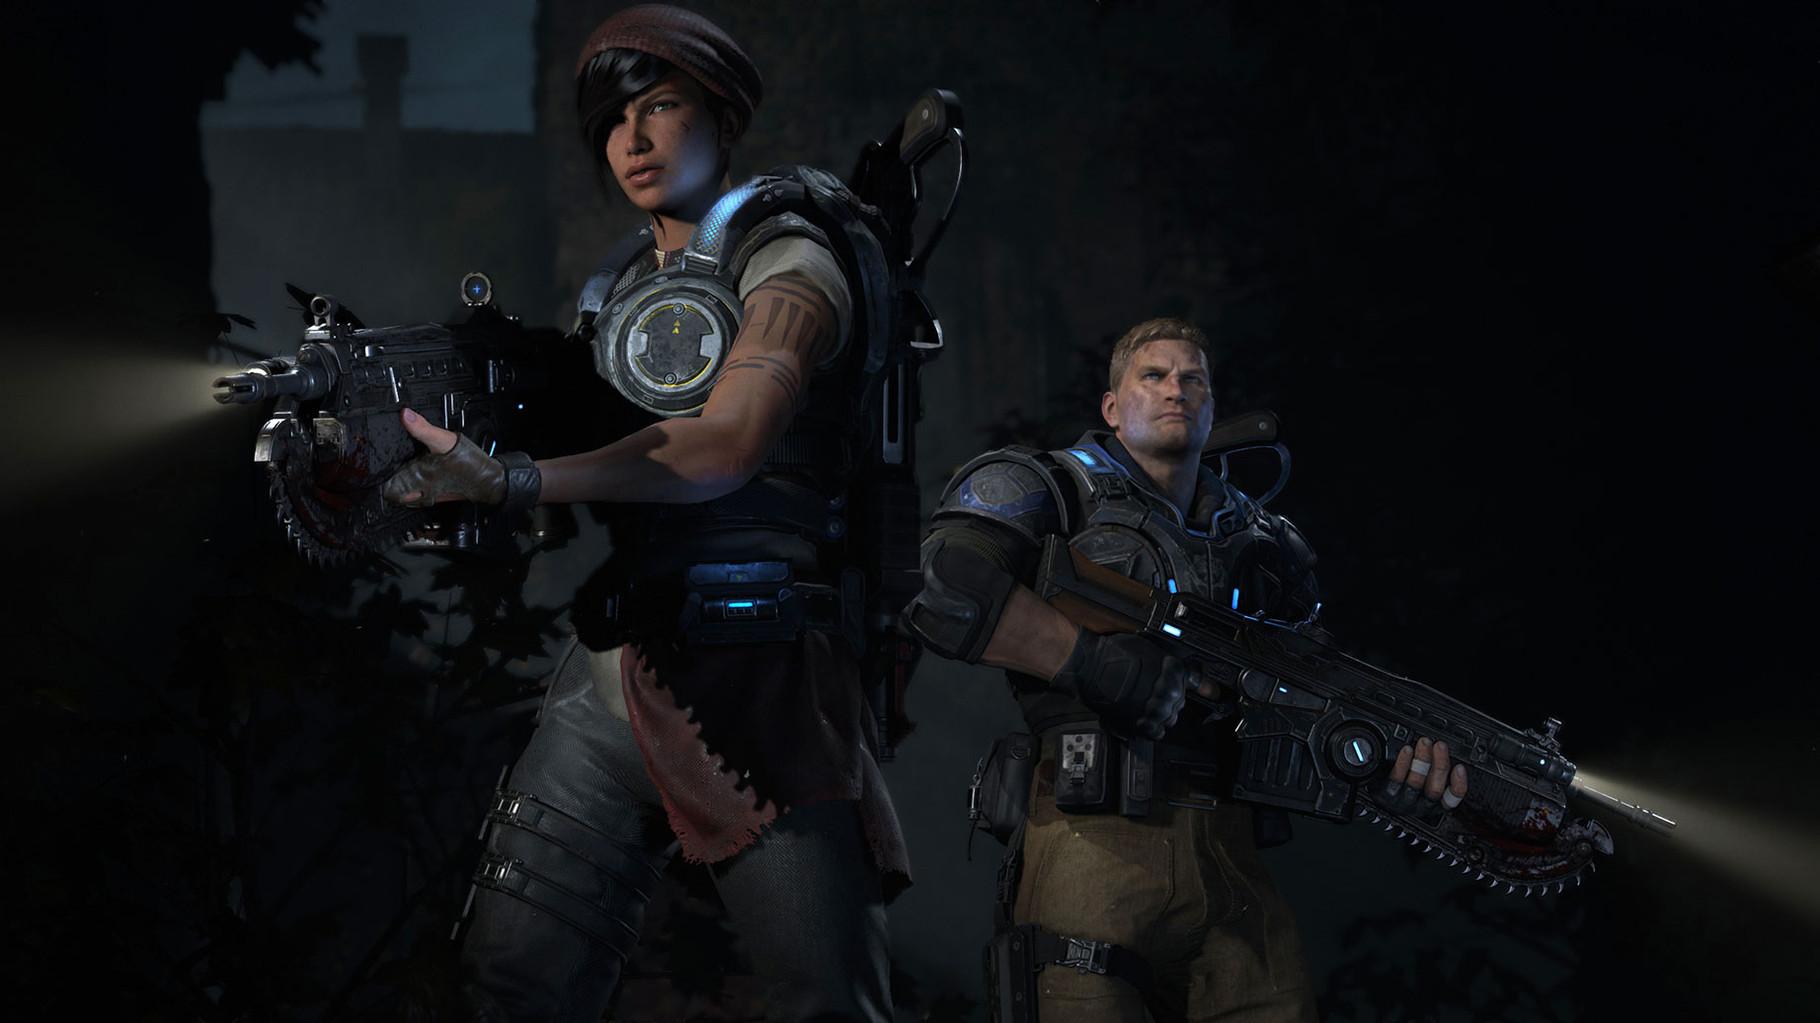 Gears of War 4: In der dunklen Umgebung waren kaum nennenswerte Details erkennbar, doch bis zum Erscheinen Ende 2016 kann sich noch einiges tun. Bis dahin trösten sich Serien-Fans mit der visuell aufgebohrten HD-Version des Xbox-360-Erstlings.